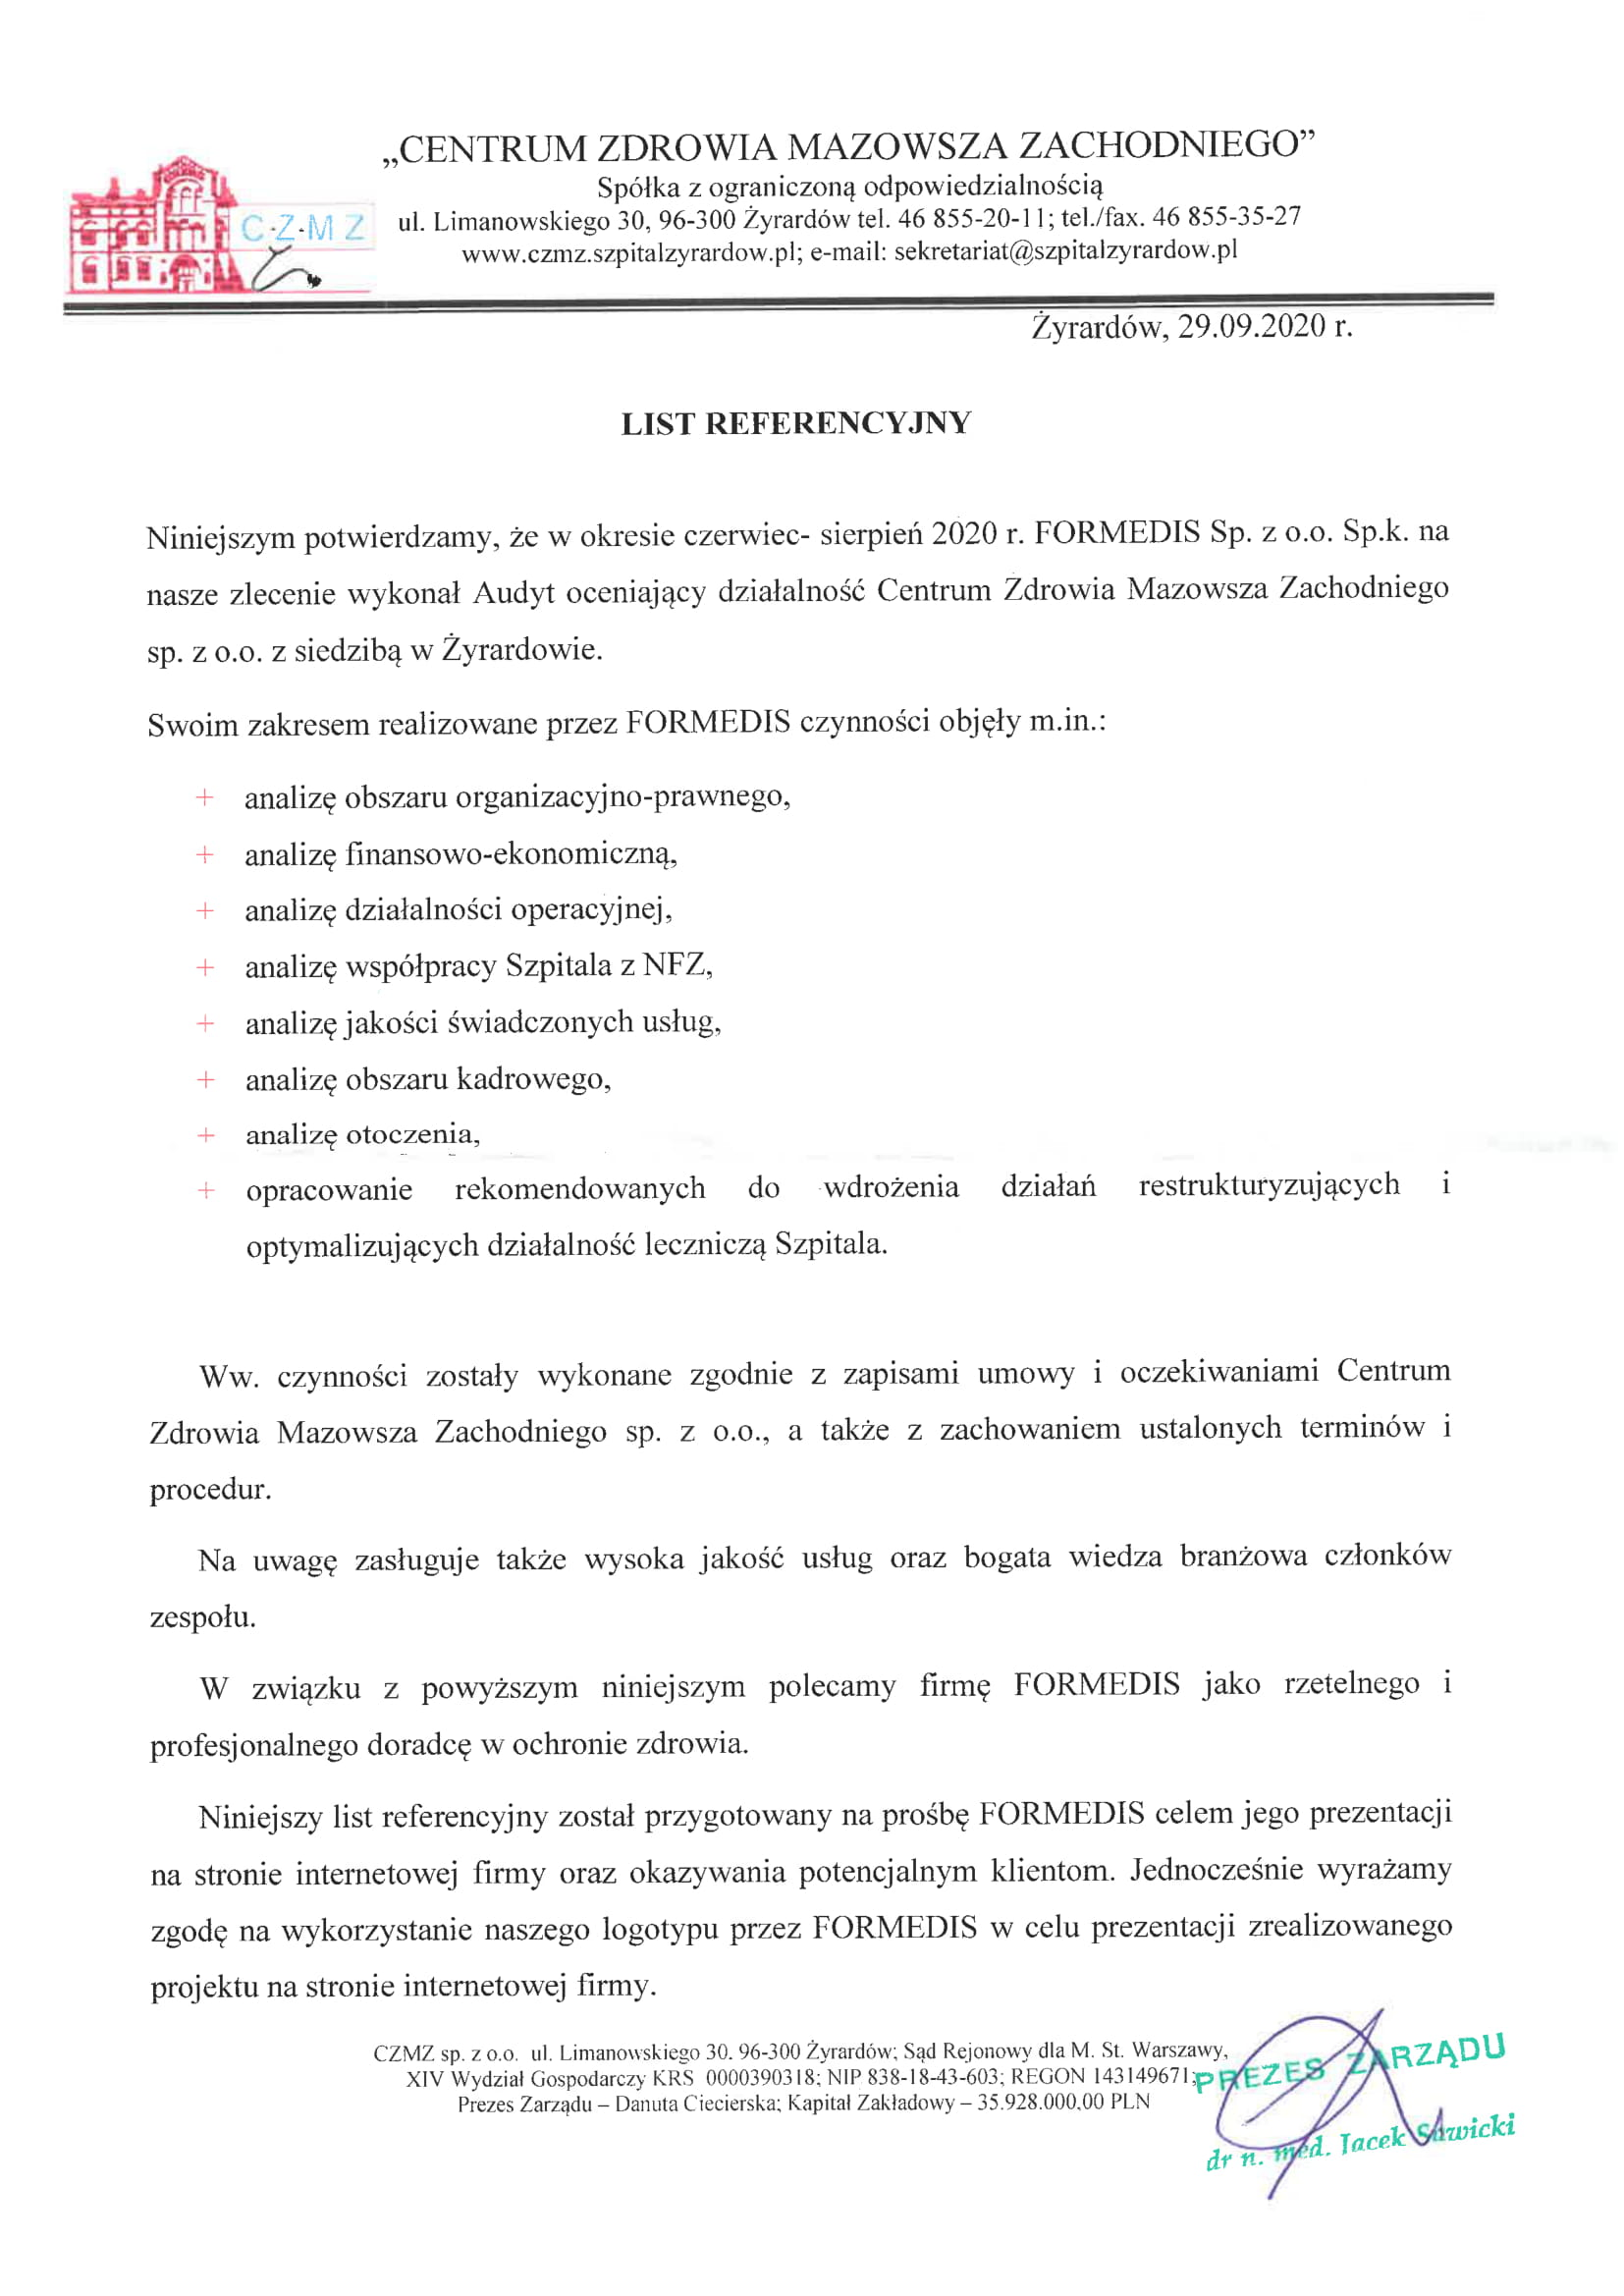 Referencje CZMZ Żyrardów-1